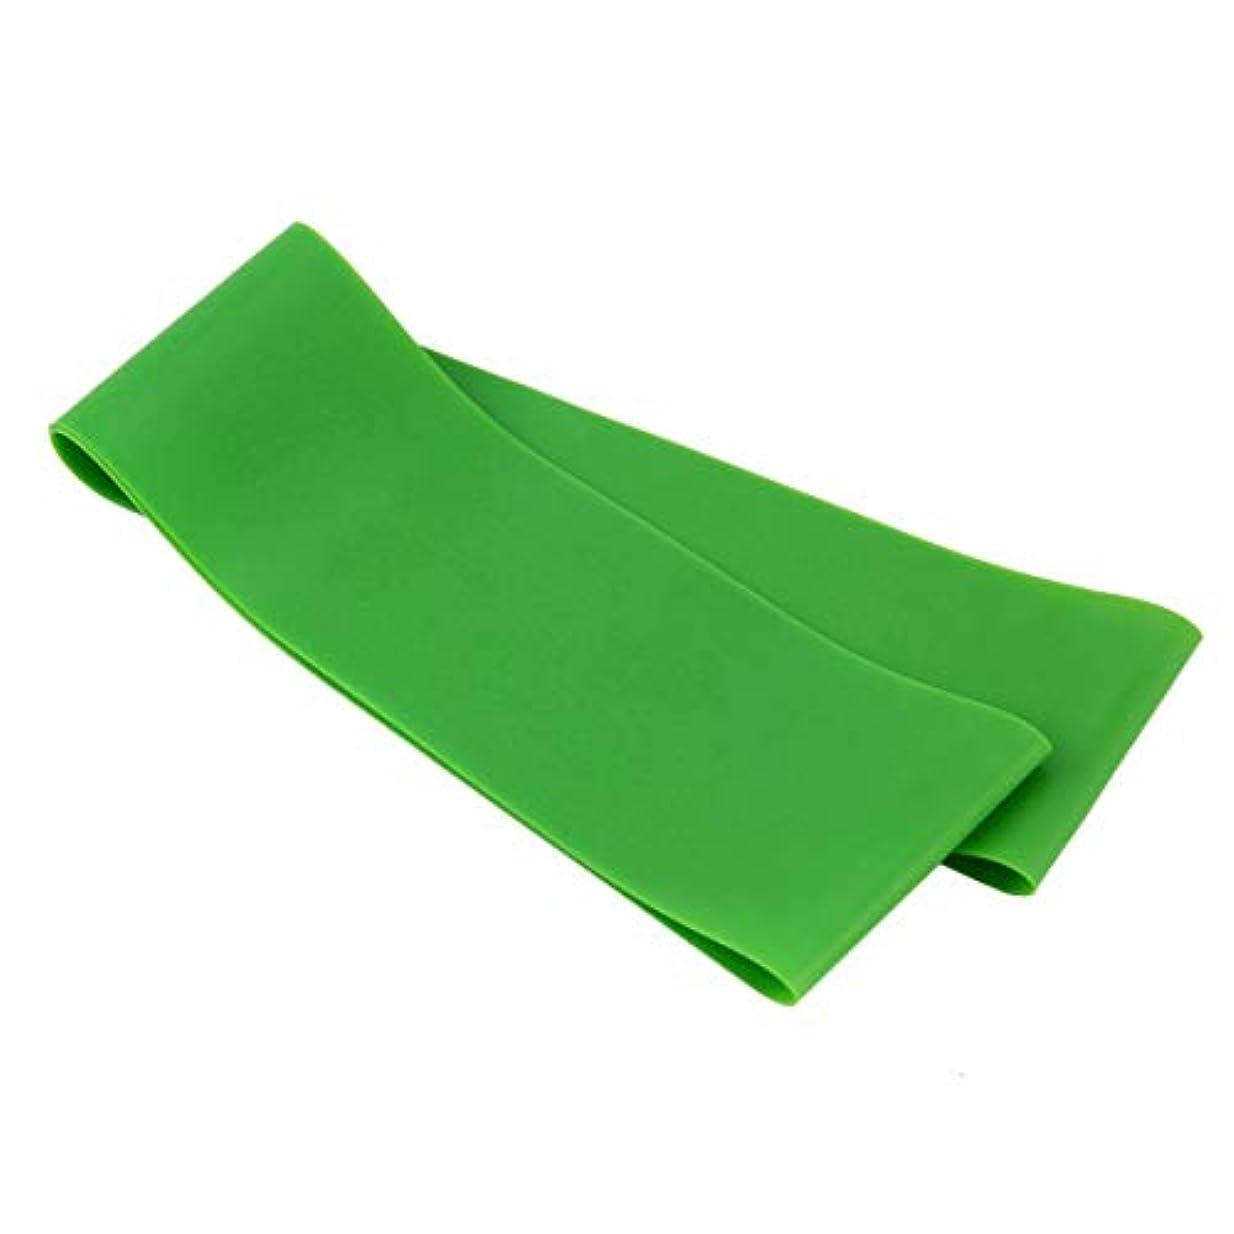 吹きさらし長さ留まる滑り止め伸縮性ゴム弾性ヨガベルトバンドプルロープ張力抵抗バンドループ強度のためのフィットネスヨガツール - グリーン